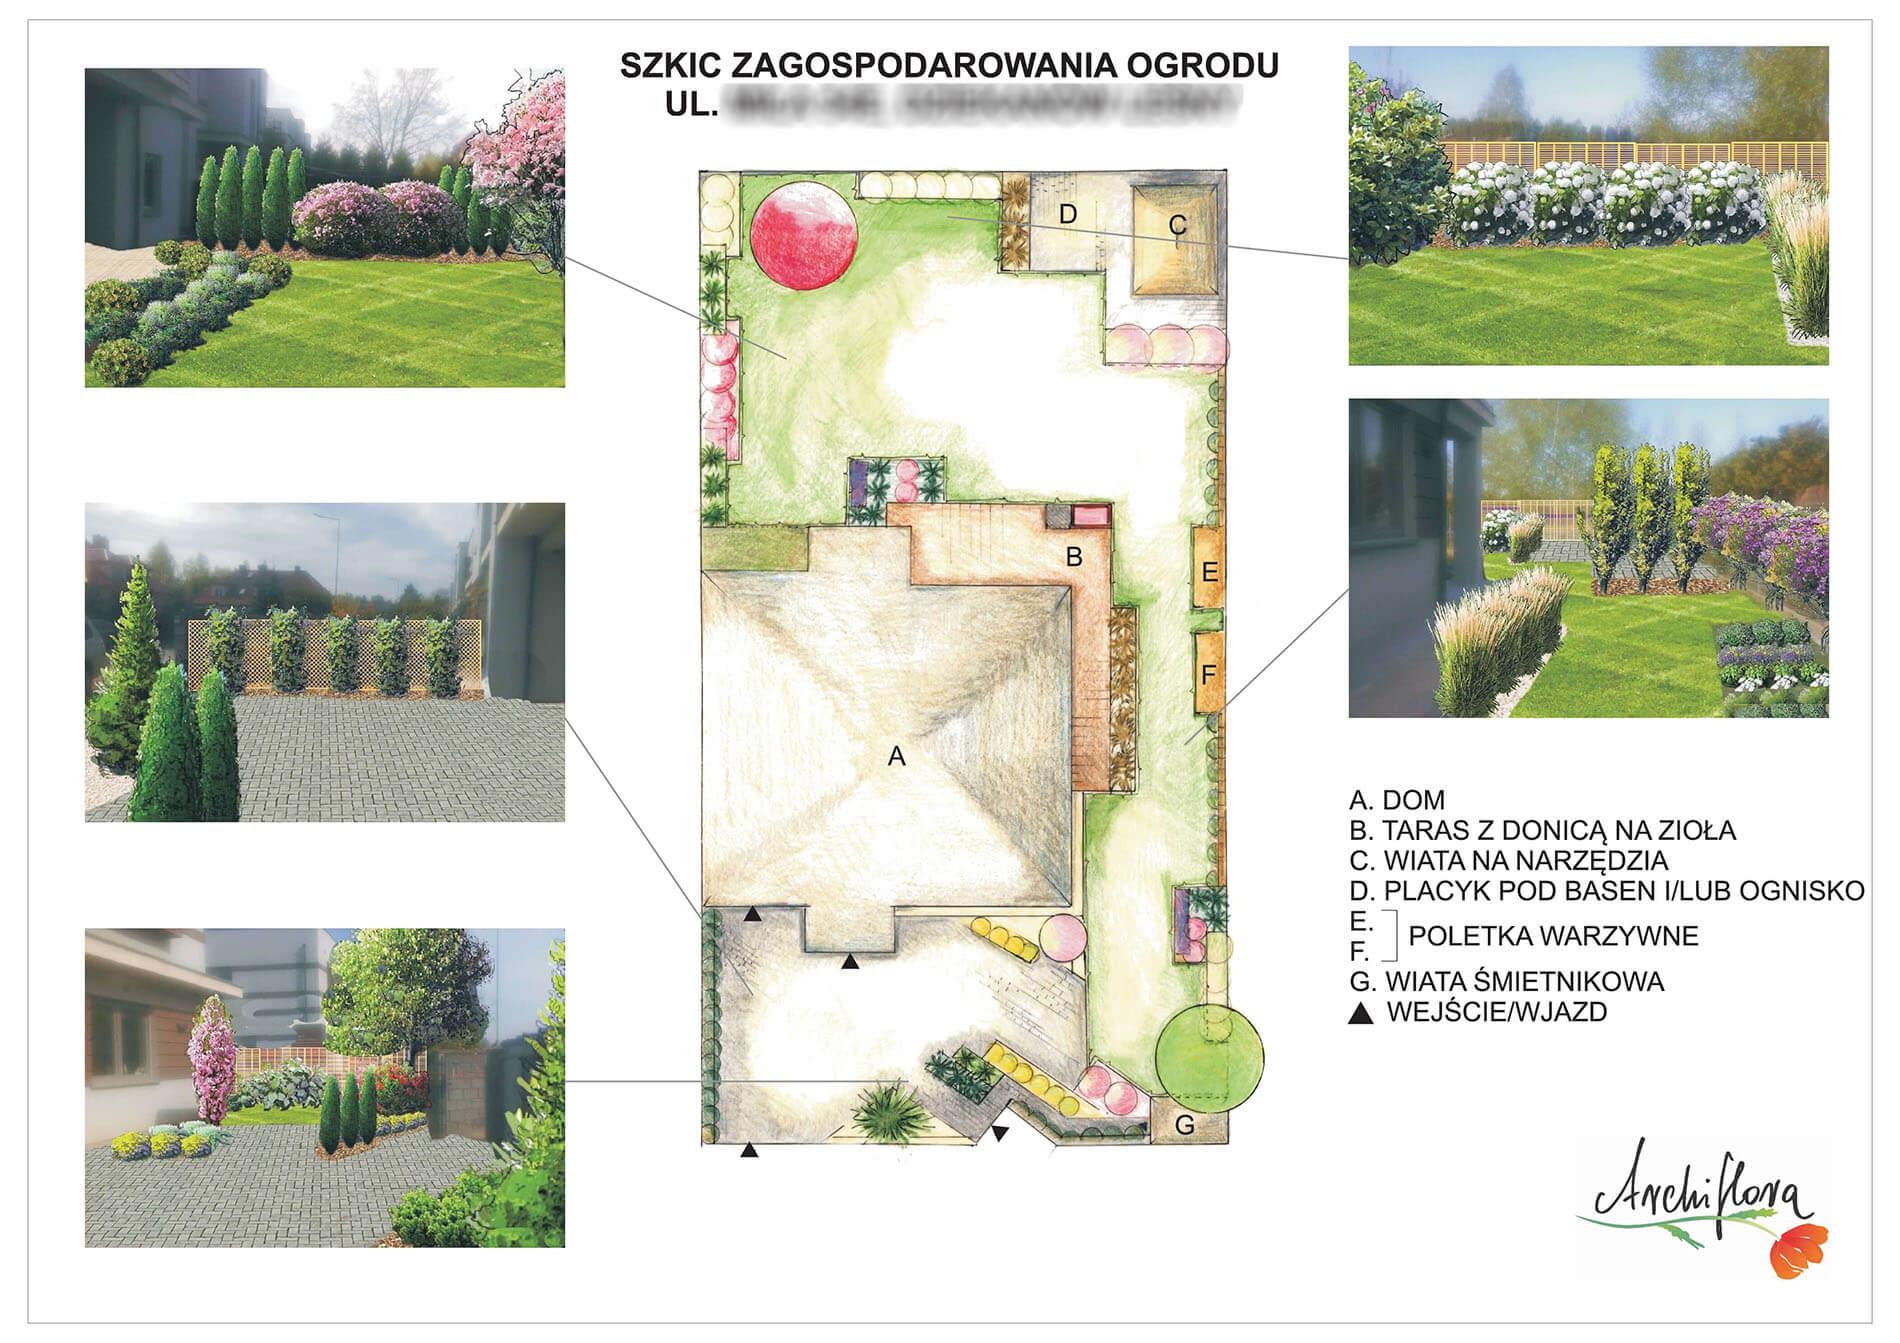 archiflora szkic zagospodarowania ogrodu